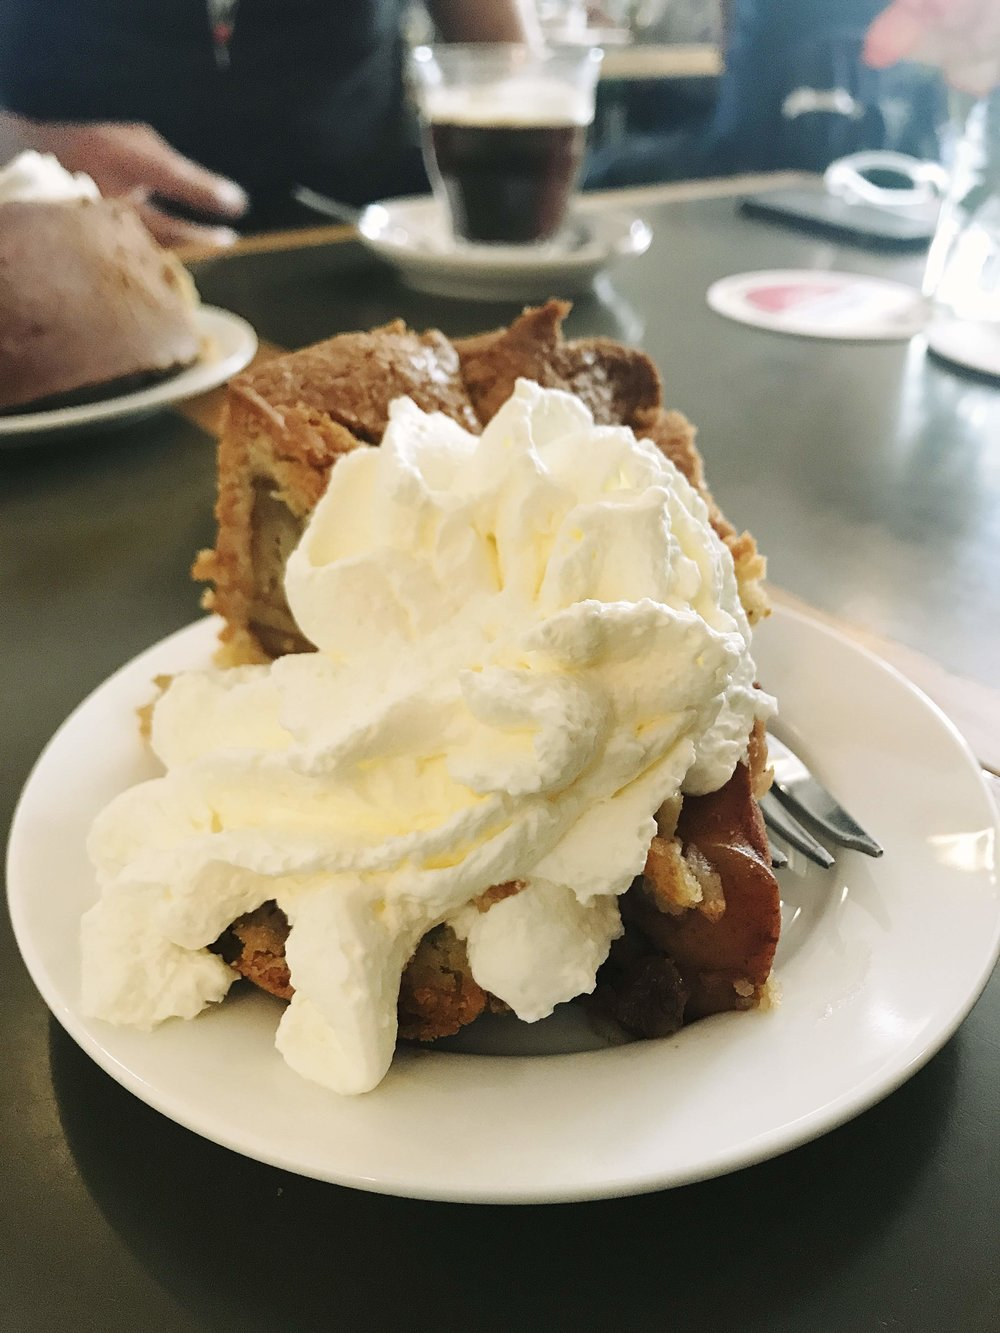 Apple pie at De Winkel